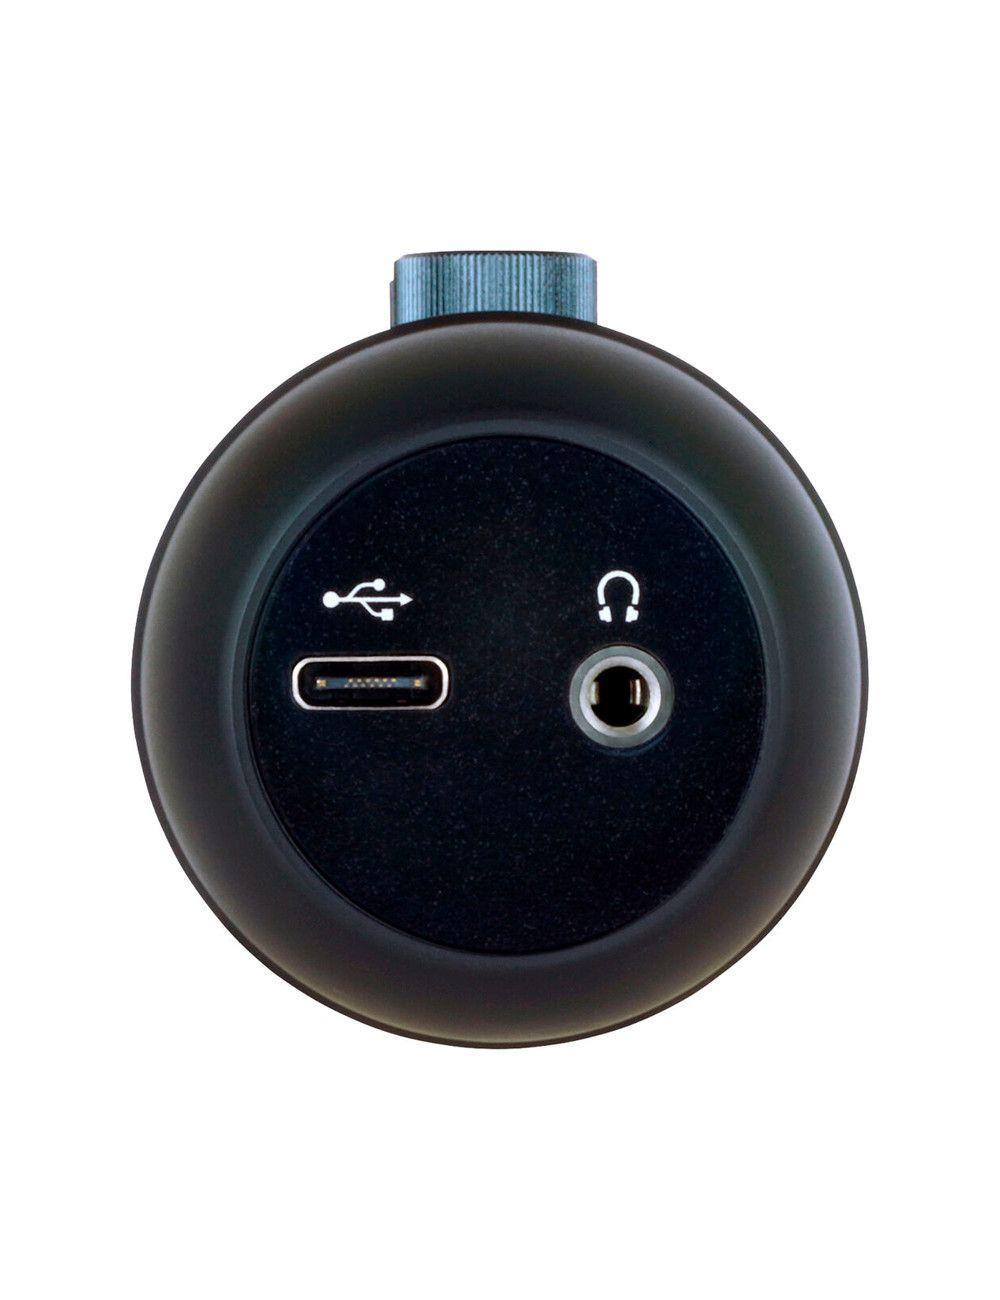 Lente Fujifilm XC 50-230mm f/4.5-6.7 OIS II SILVER Teleobjetivo muy versátil con estabilizador